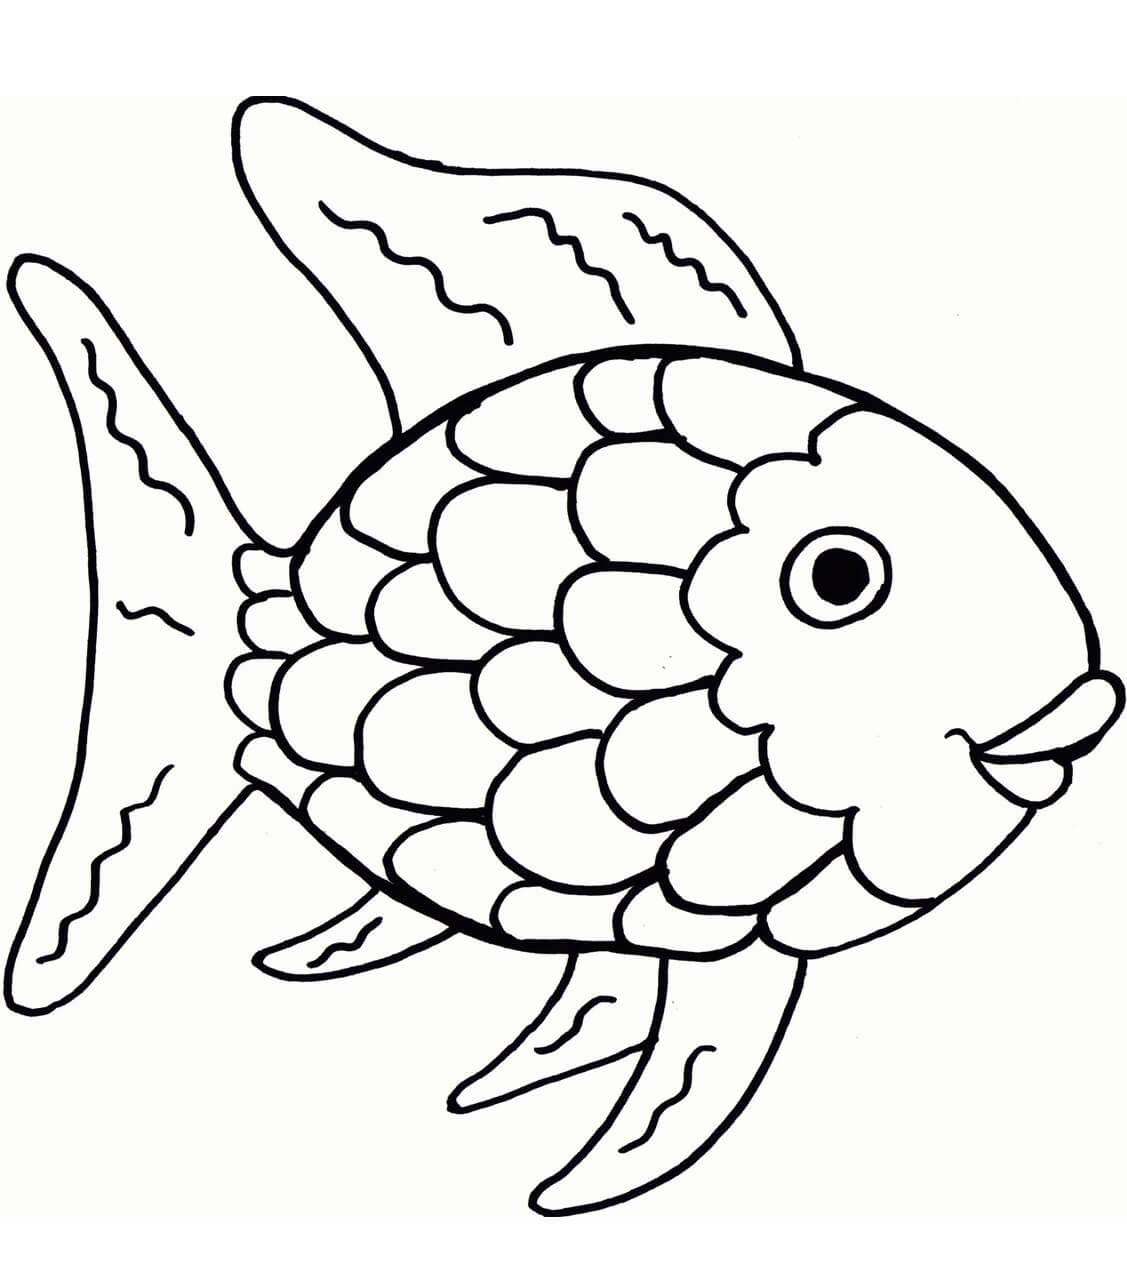 Dibujos de peces para colorear e imprimir, masquelibros